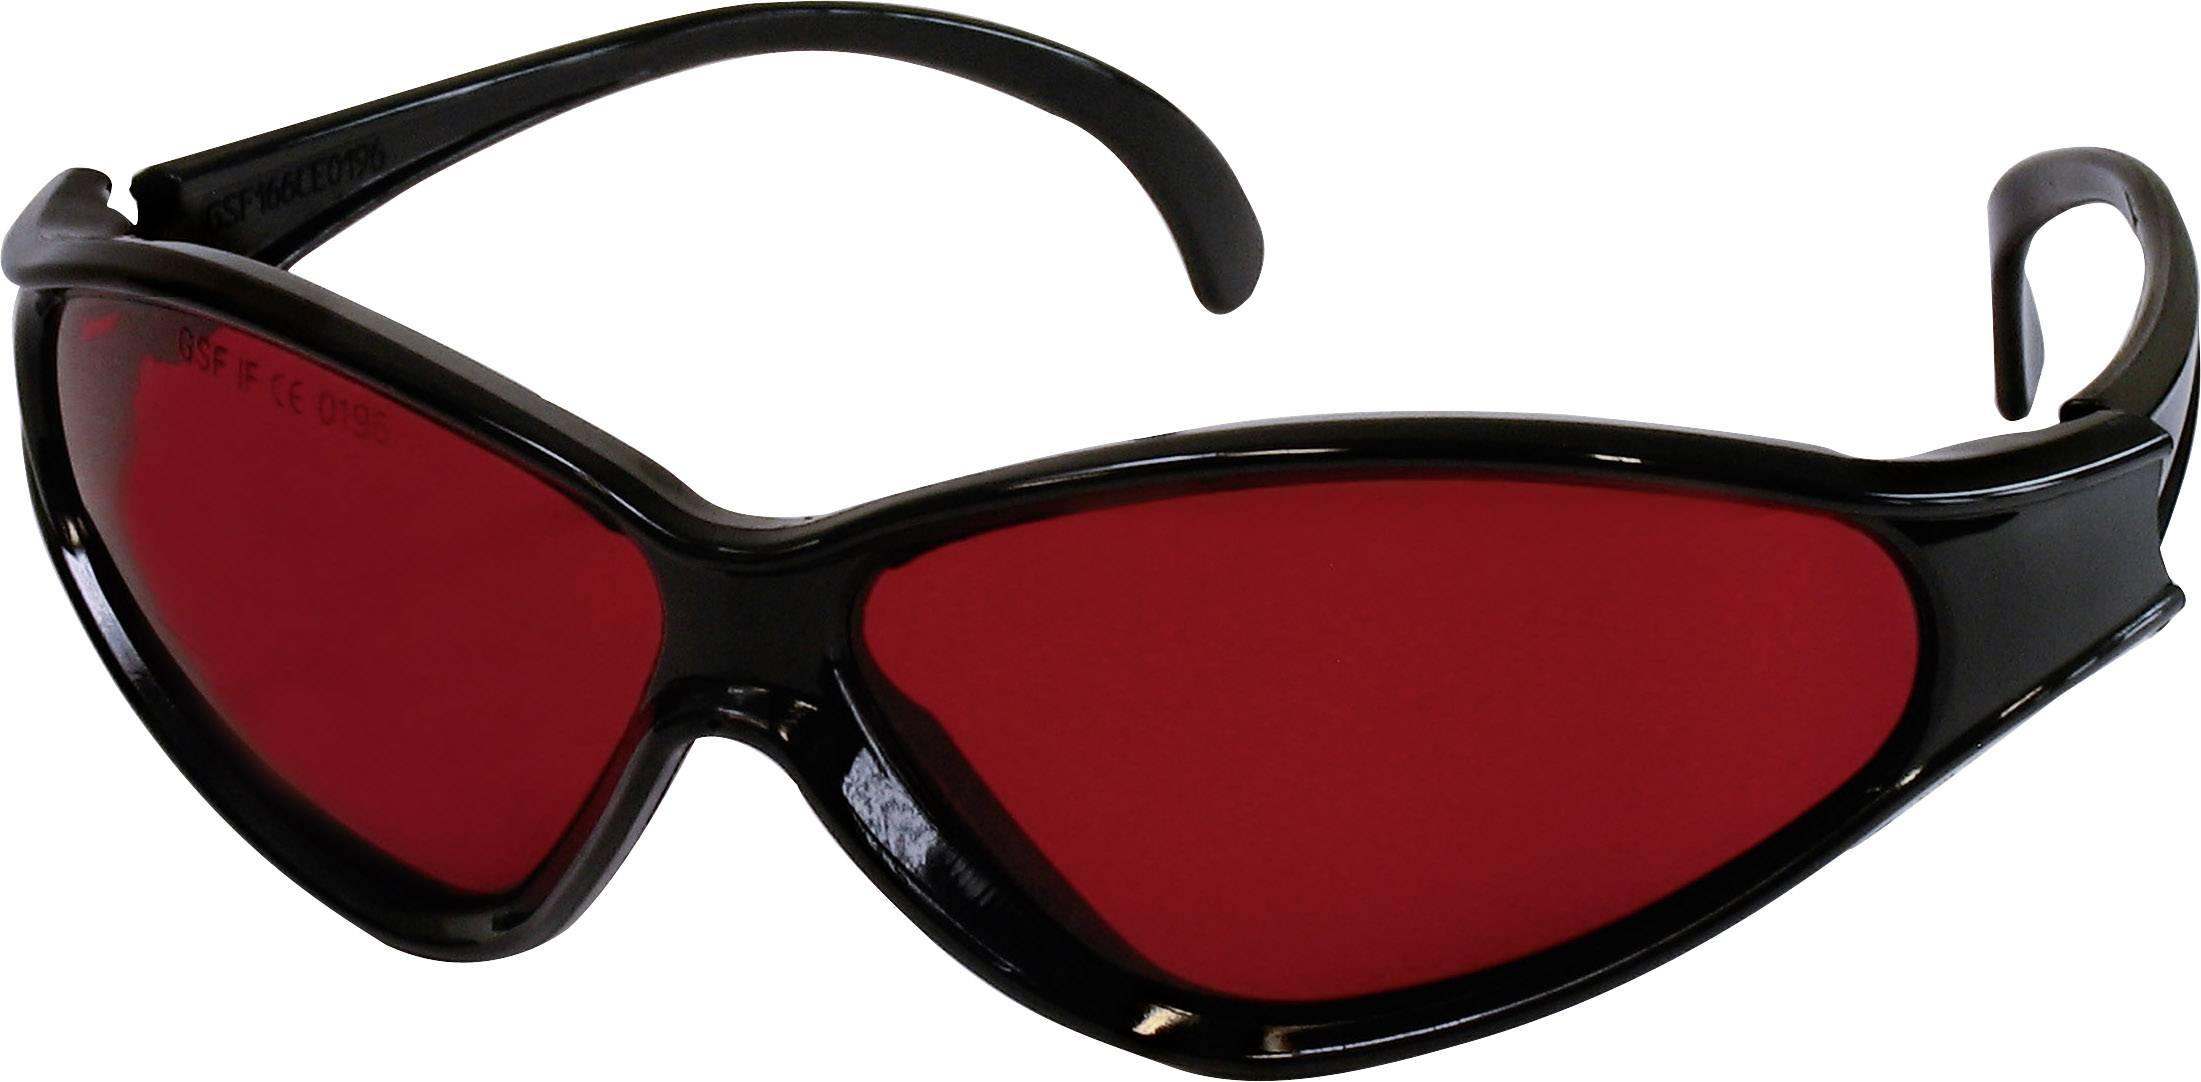 Brýle pro práci s laserem TOOLCRAFT 1010197, červená